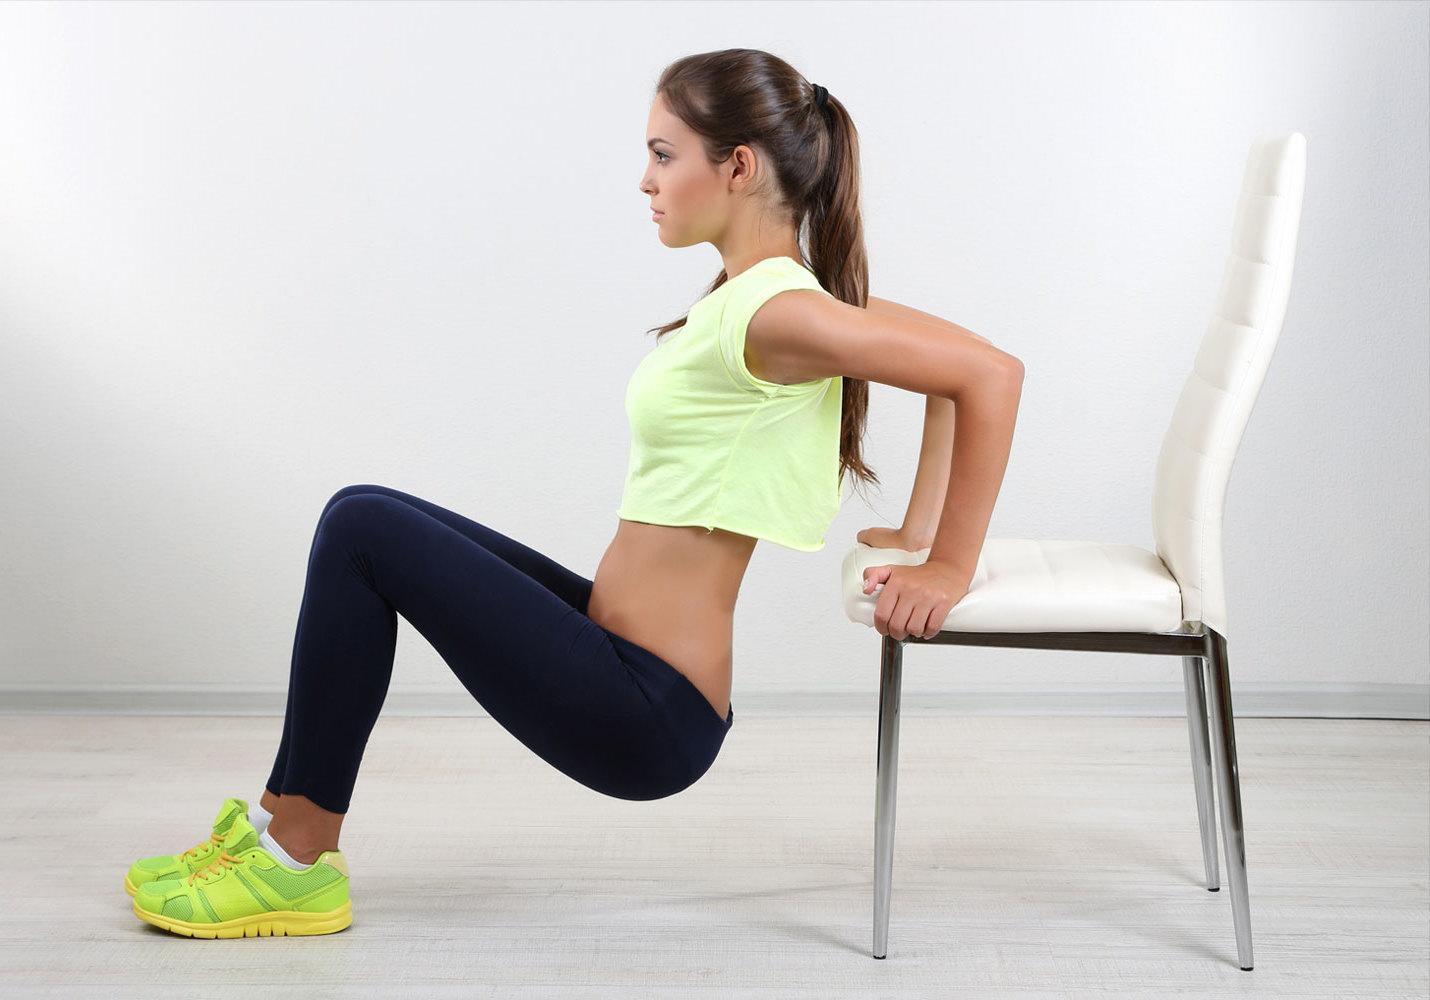 Os Melhores Exercícios Para Emagrecer em Casa